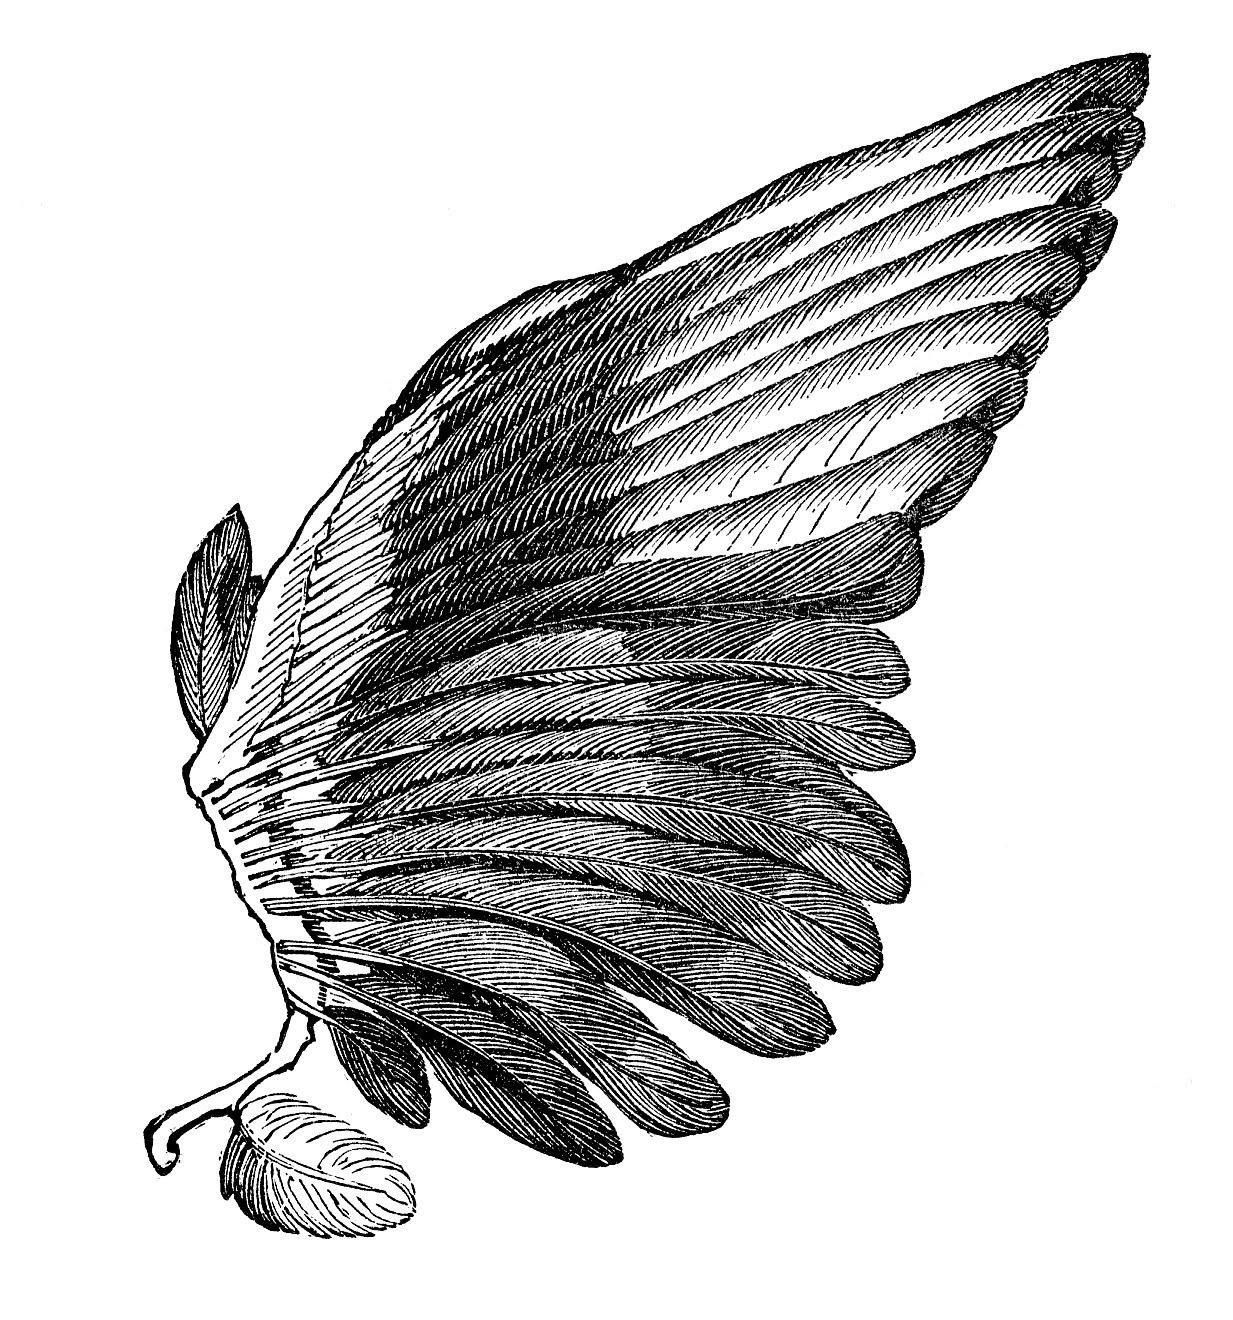 28 Angel Drawings Free Drawings Download: Free Wings Cliparts, Download Free Clip Art, Free Clip Art